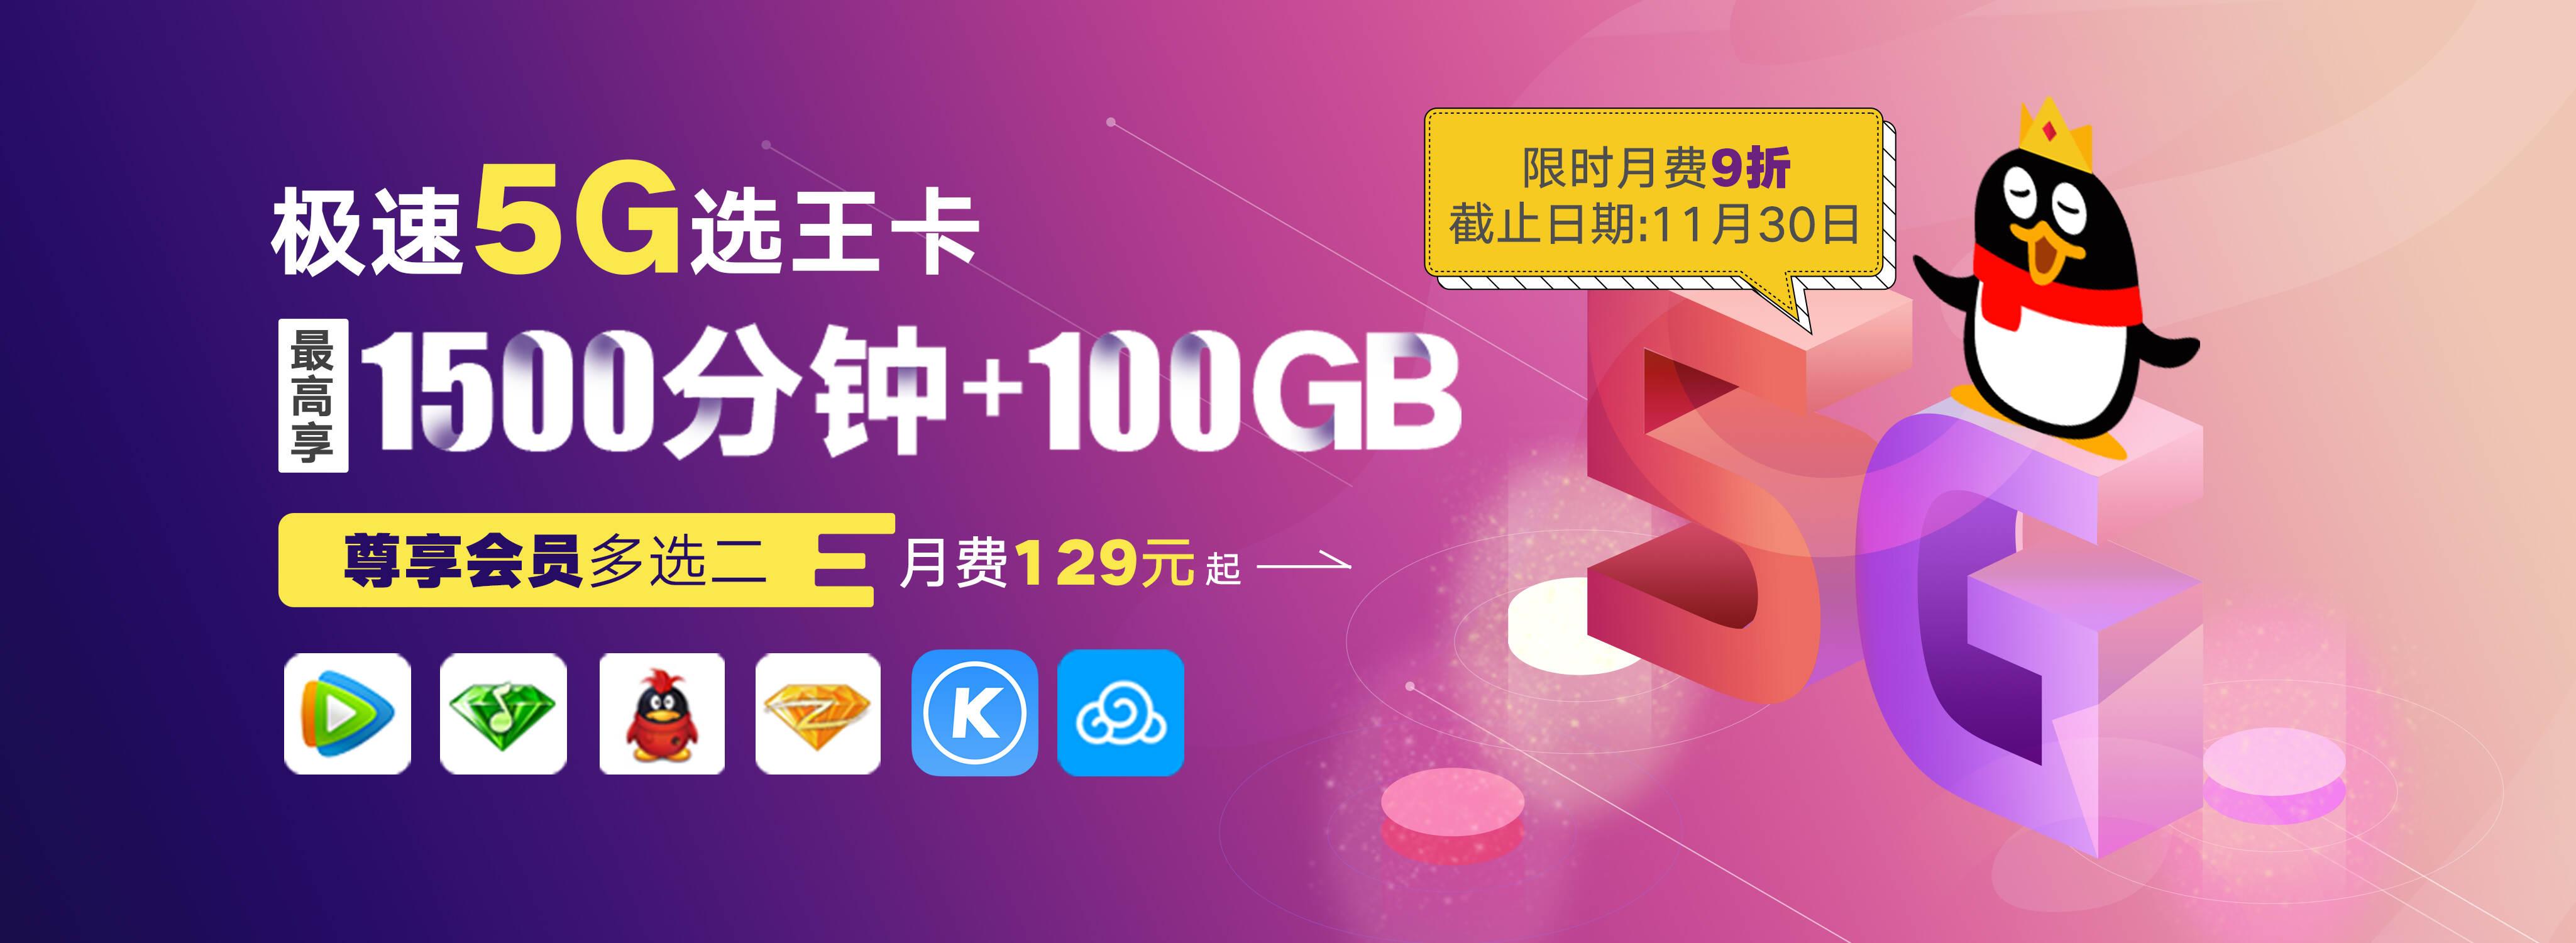 5G版腾讯王卡